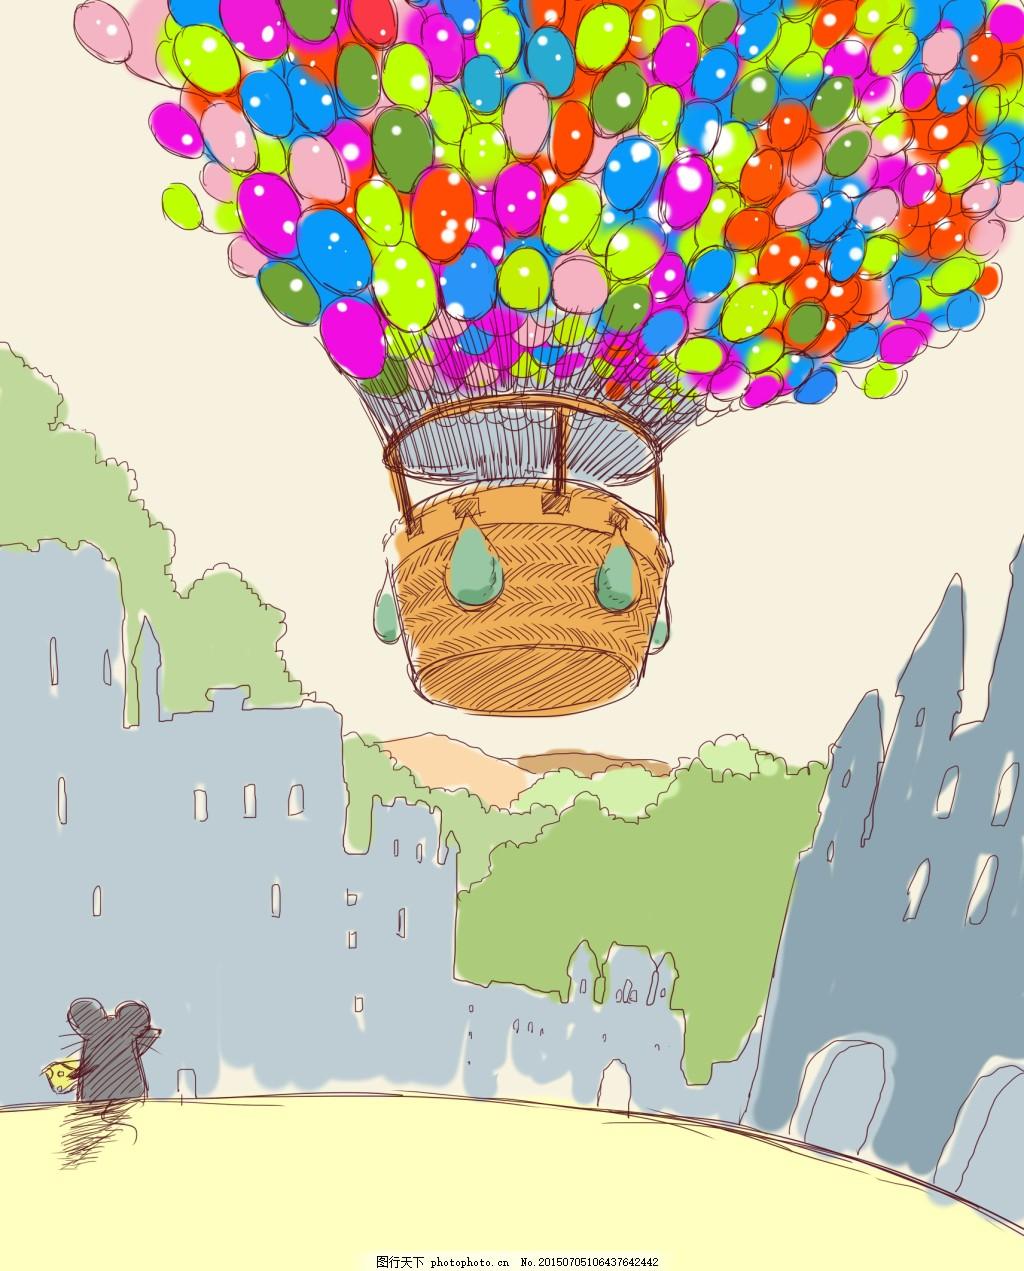 手绘小清新热气球插图